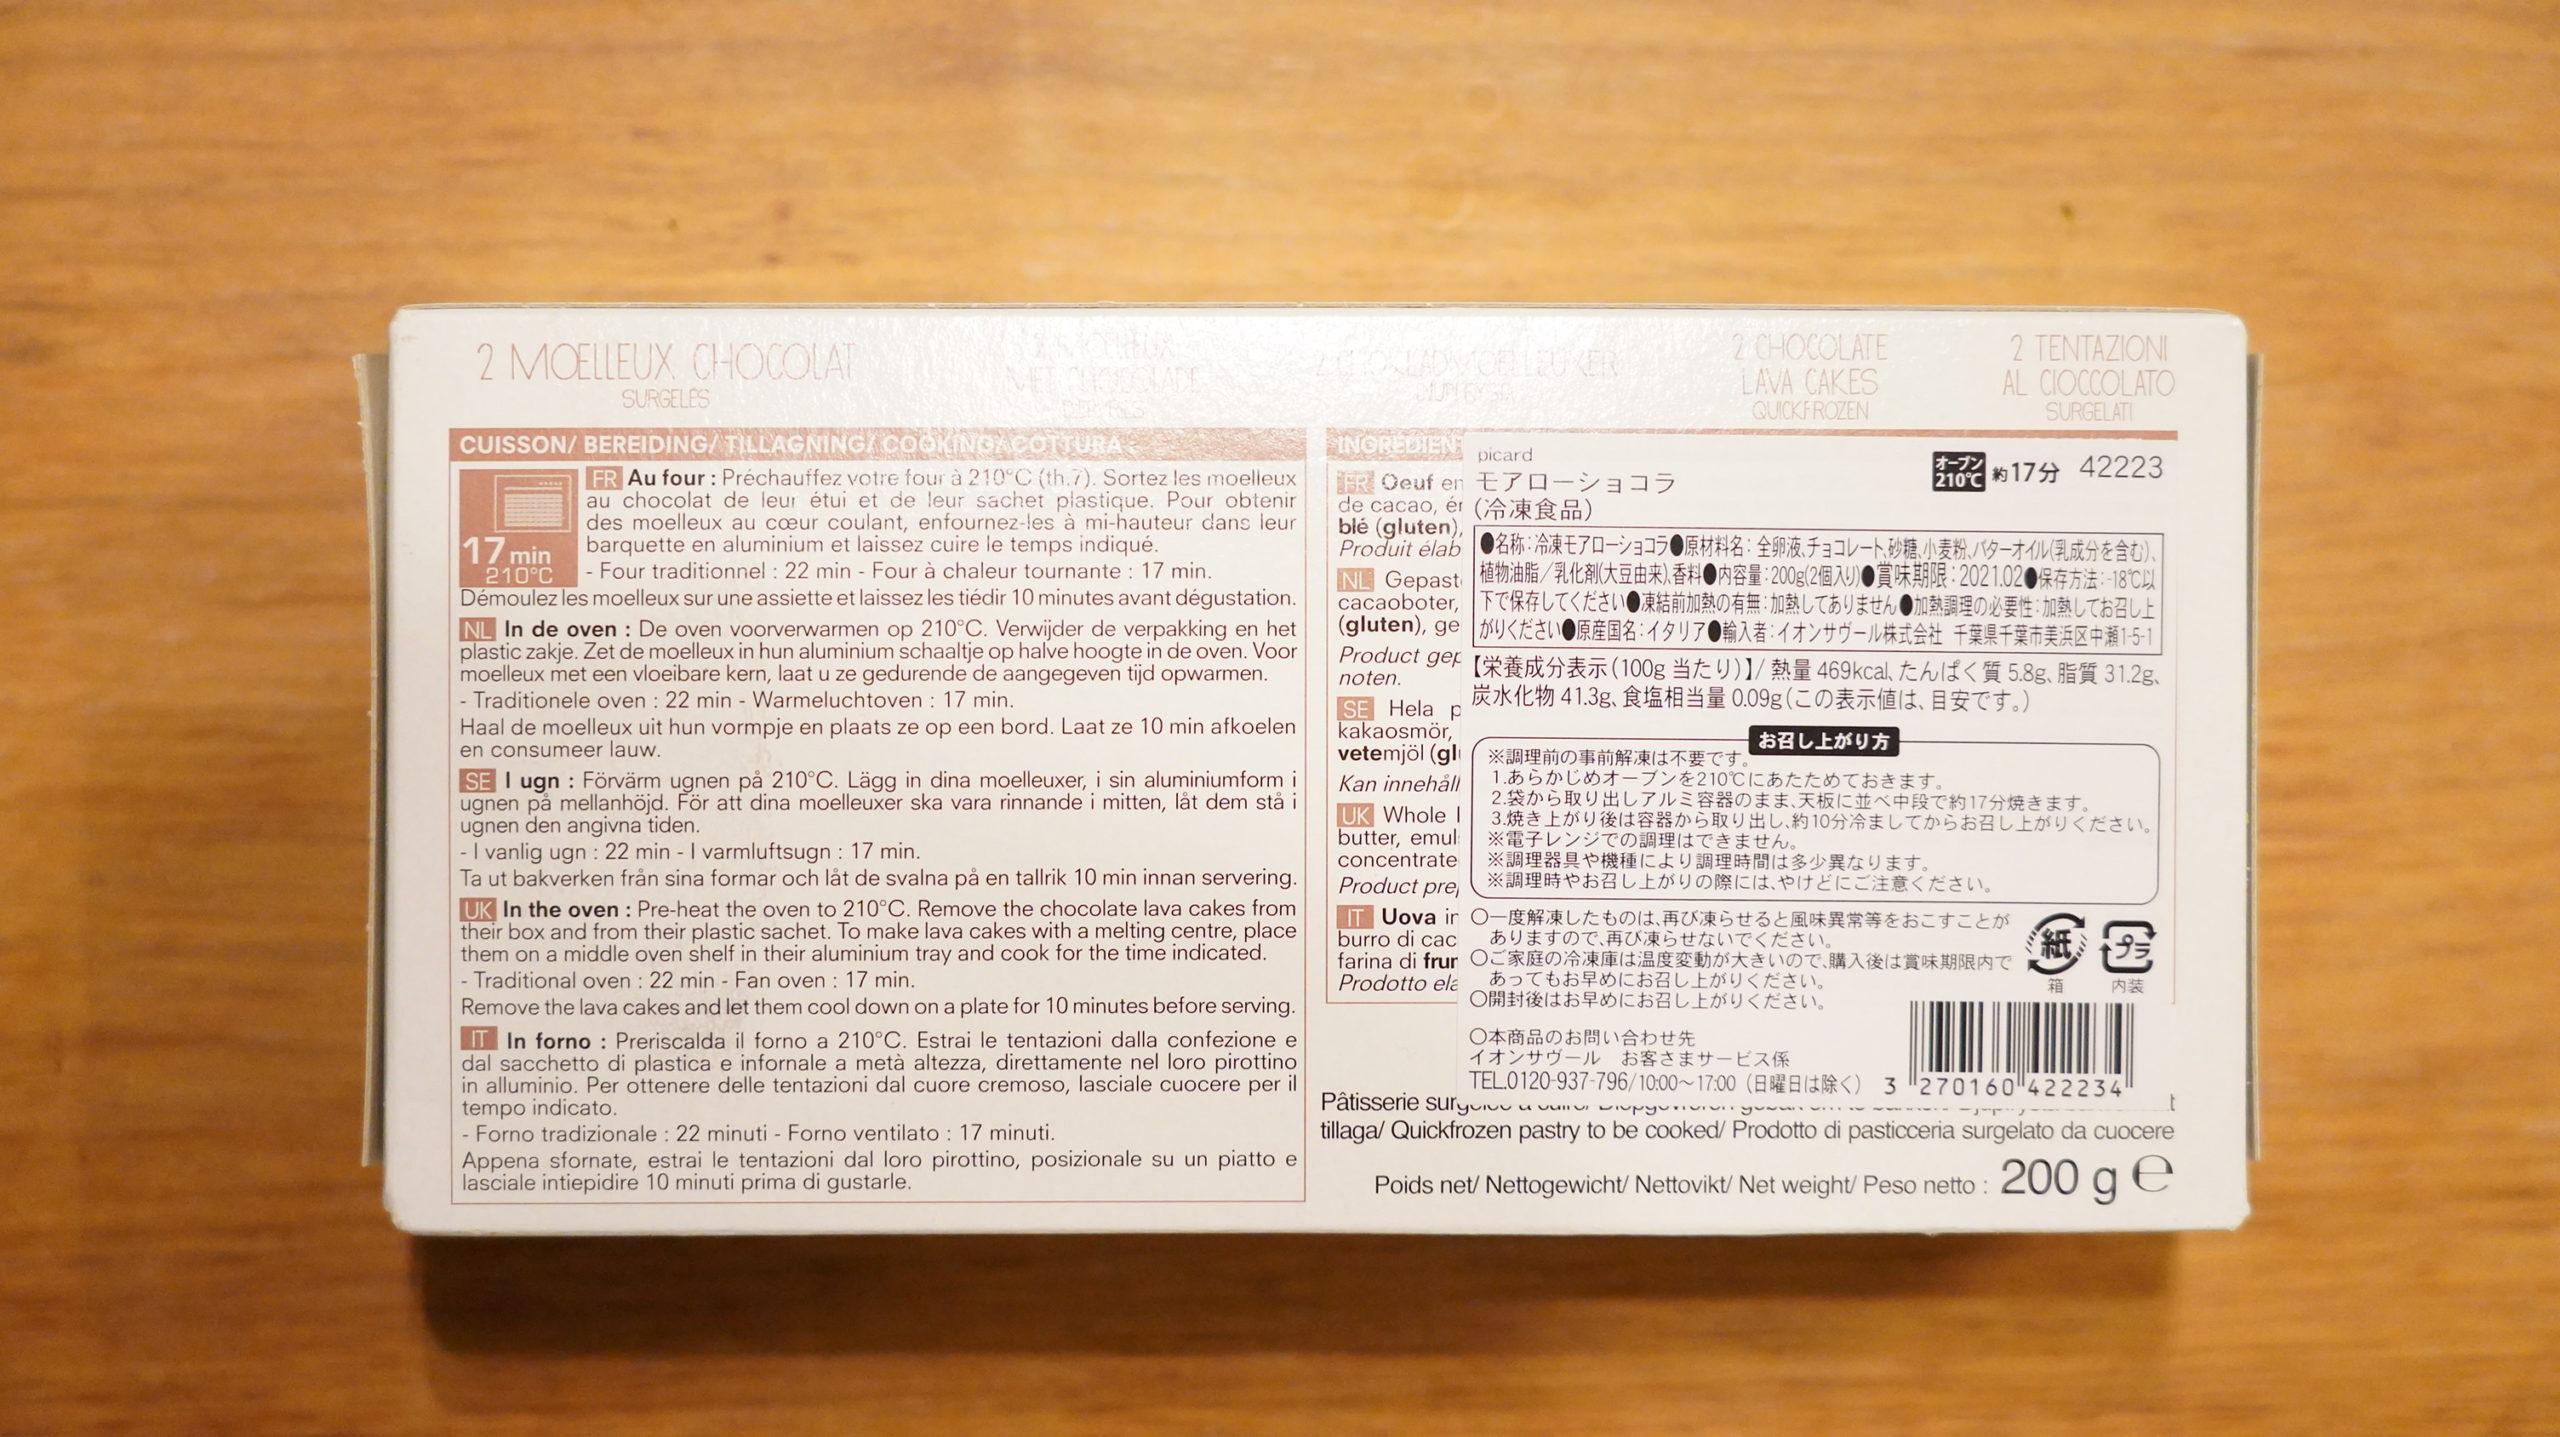 ピカールの冷凍食品「モアローショコラ」のパッケージ裏面の写真